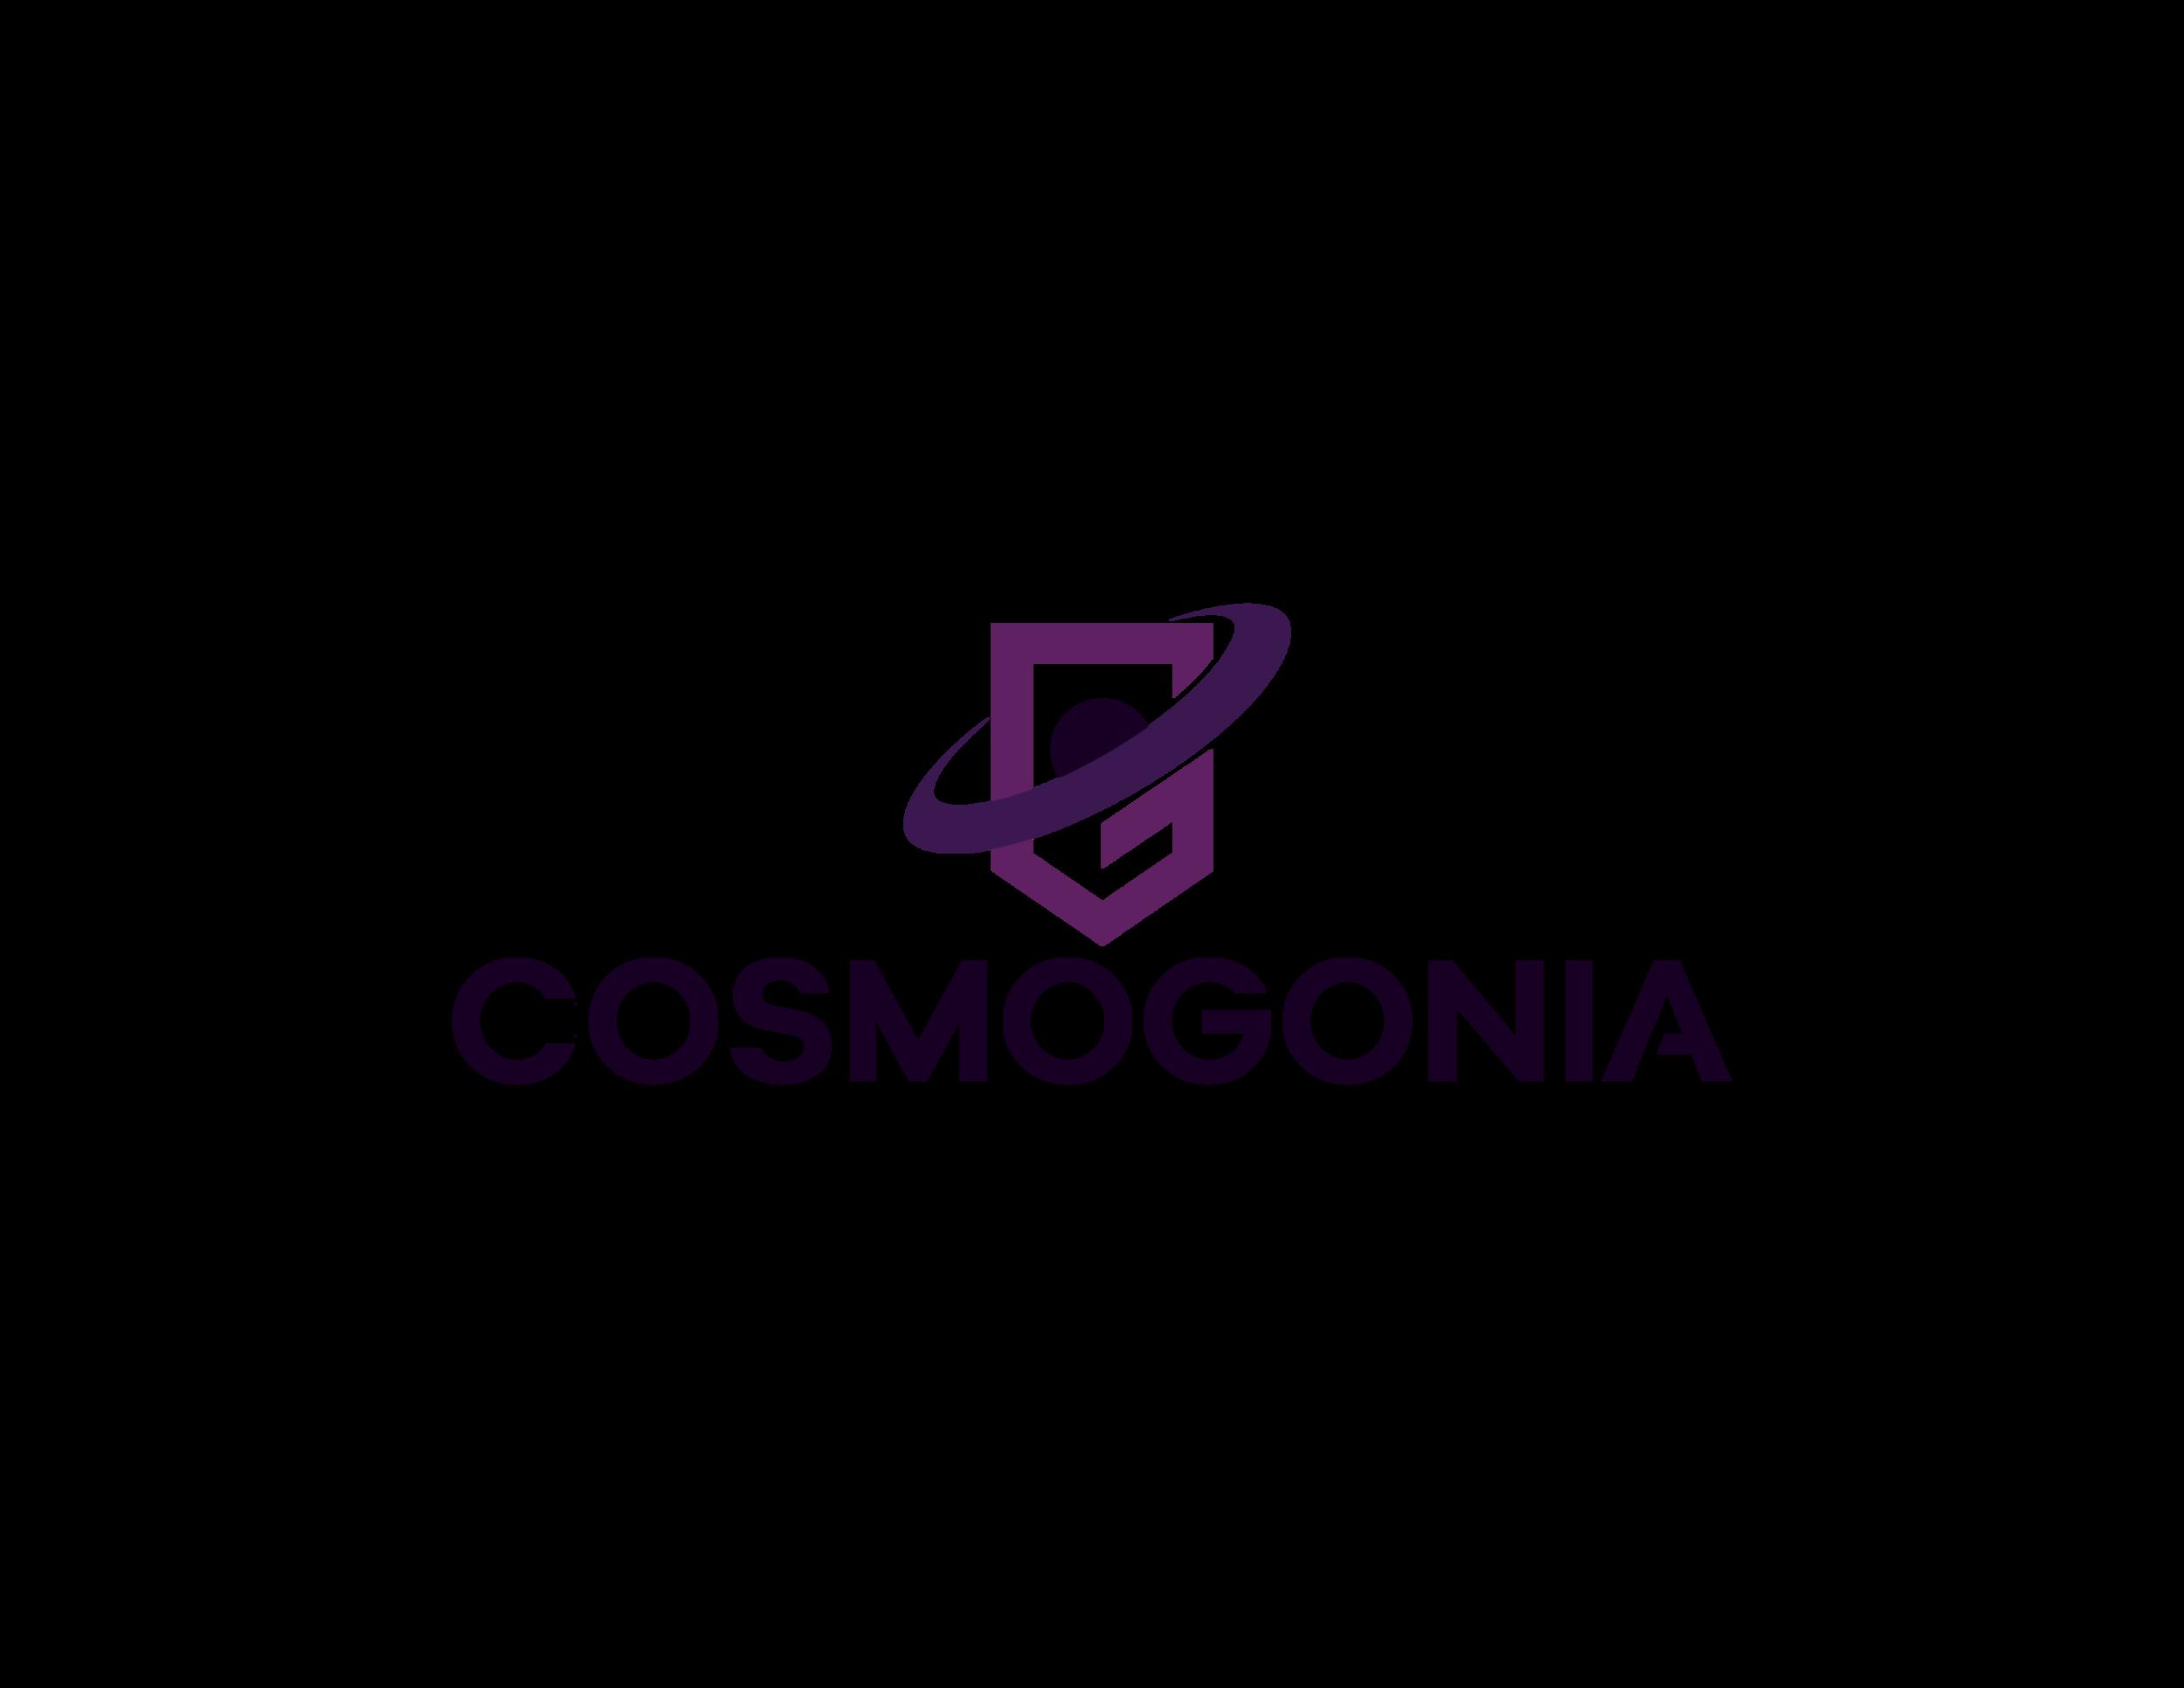 Cosmogonia_Logo_vertical.png